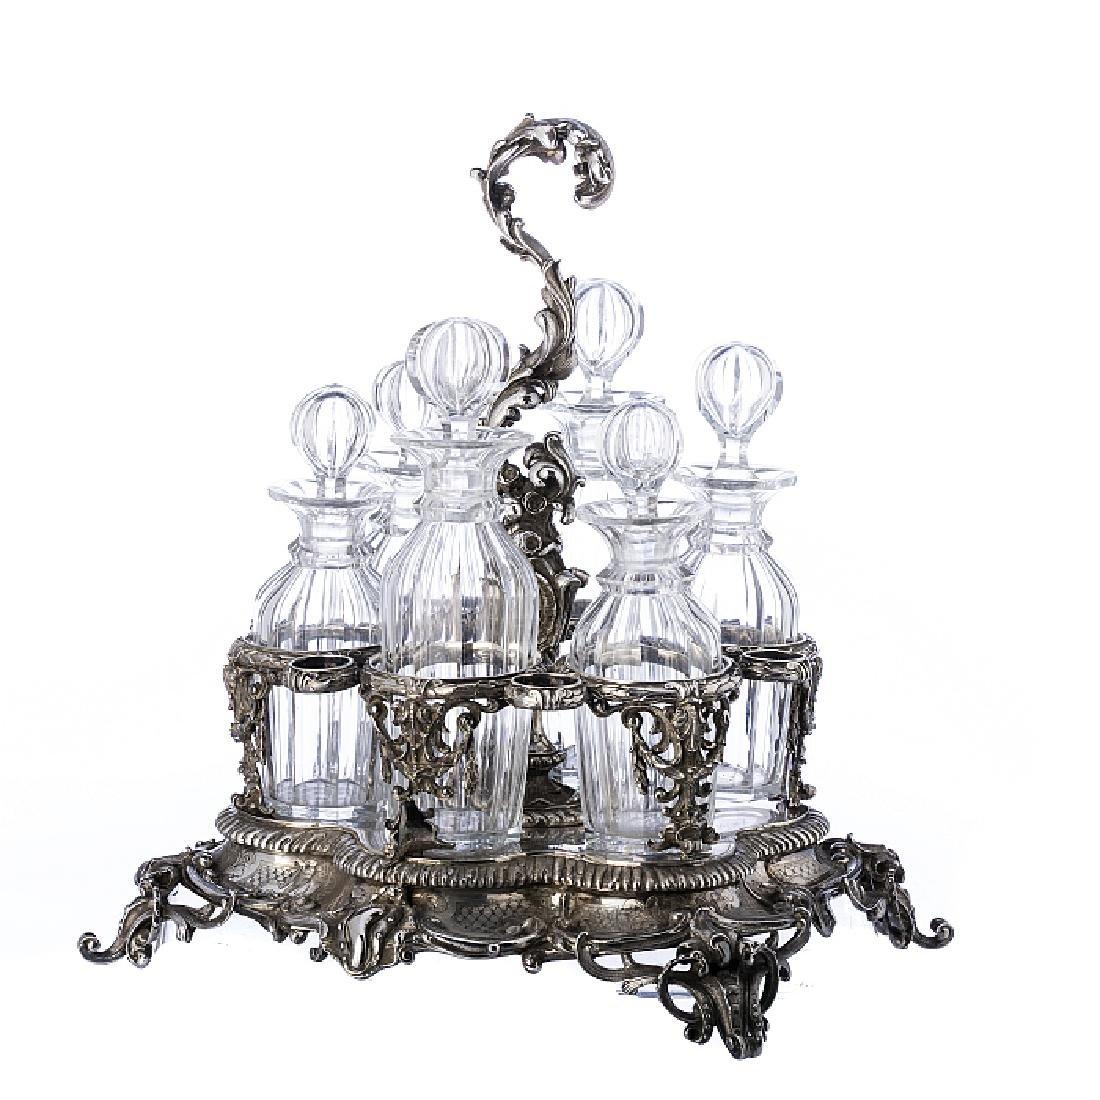 Silver Cruet set with Arms of Baron Wilhelm Carl von